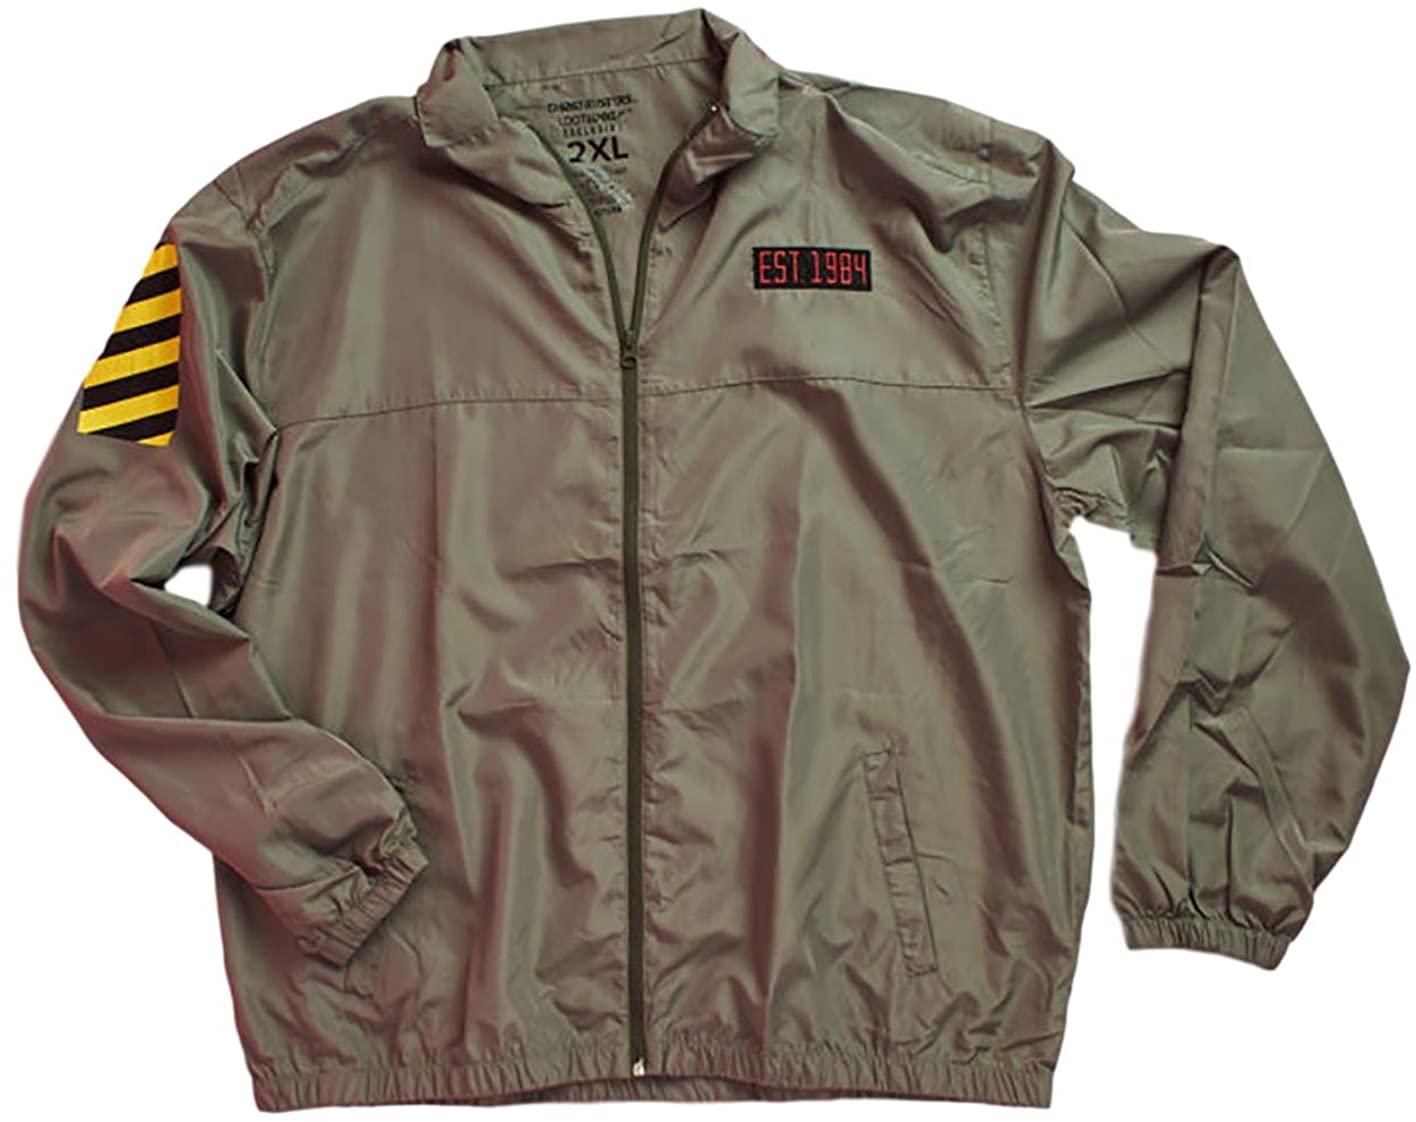 Loot Crate Ghostbusters Windbreaker Water Resistant Jacket